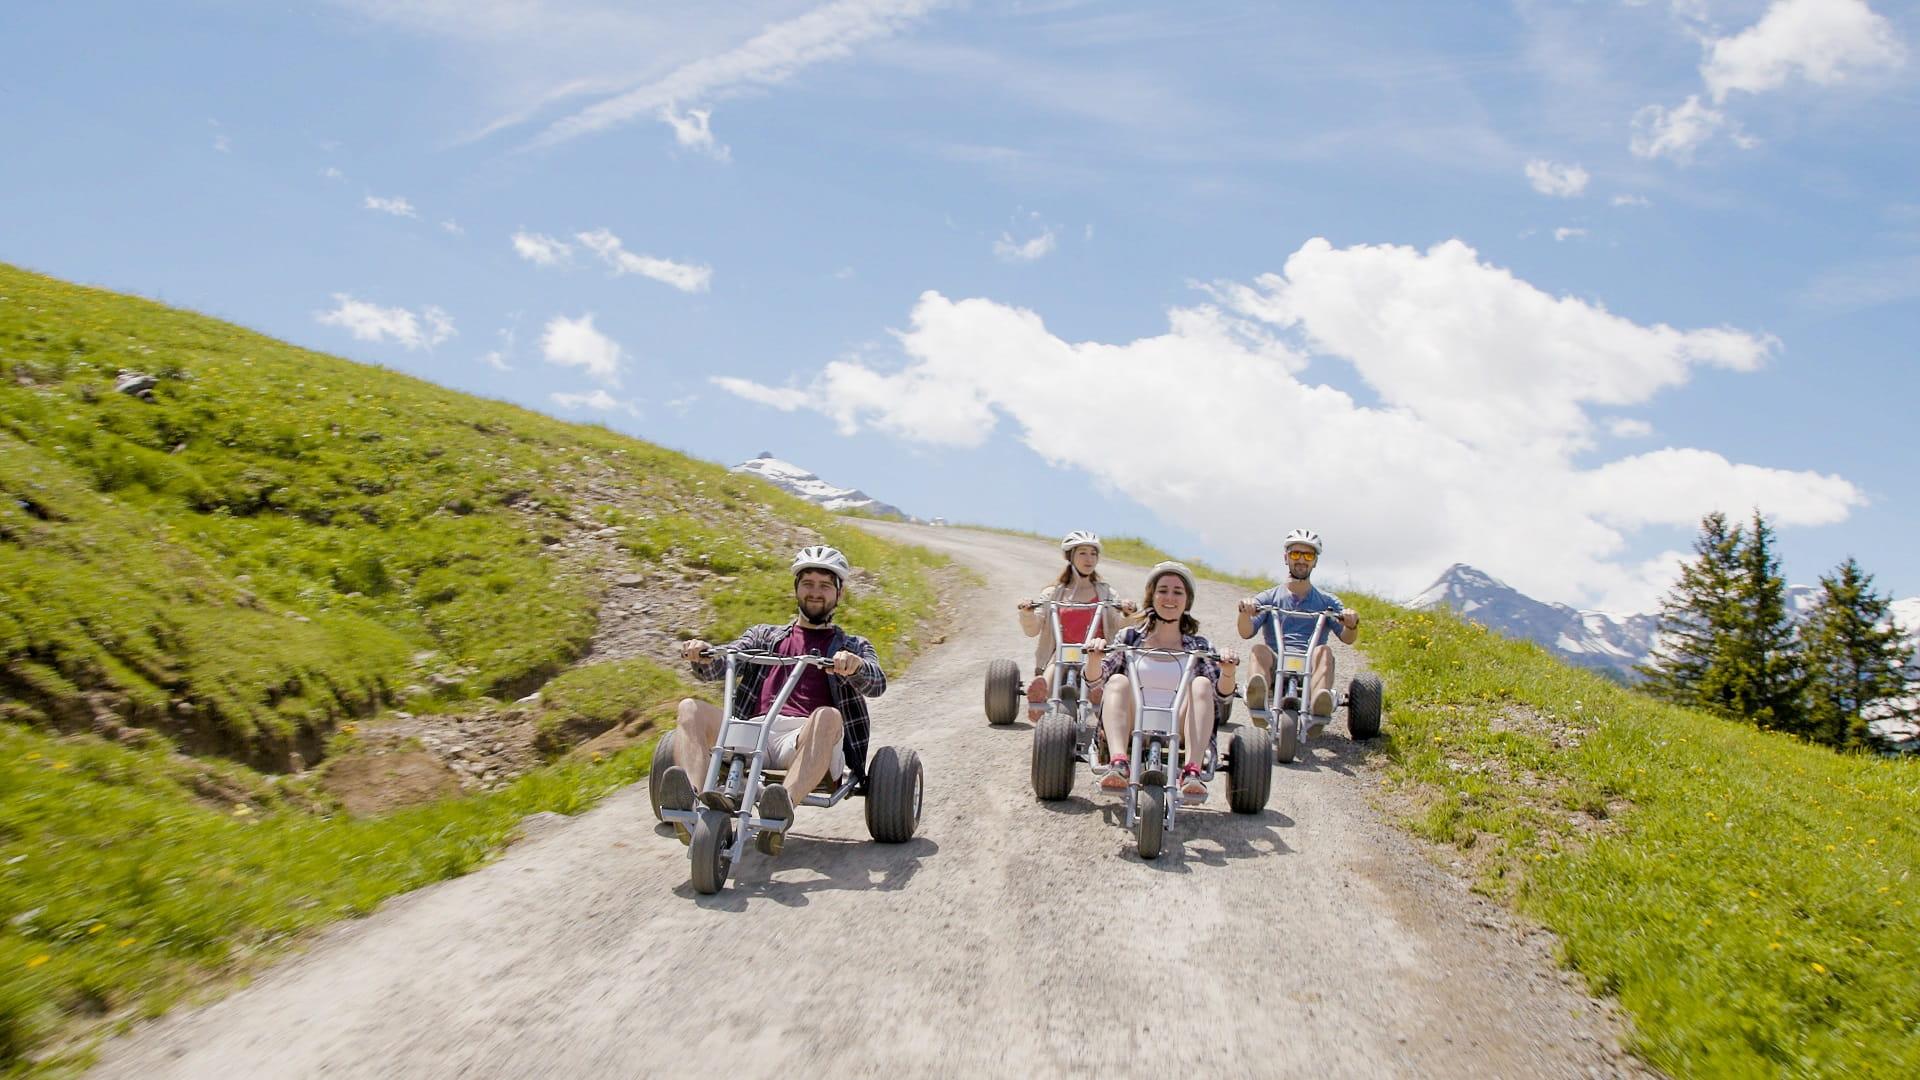 Die MountainCarts versprechen einfachen, komfortablen und sicheren Fahrspass, eigenen sich sowohl für Familien als auch für Gruppen und sind im Berner Oberland einzigartig.